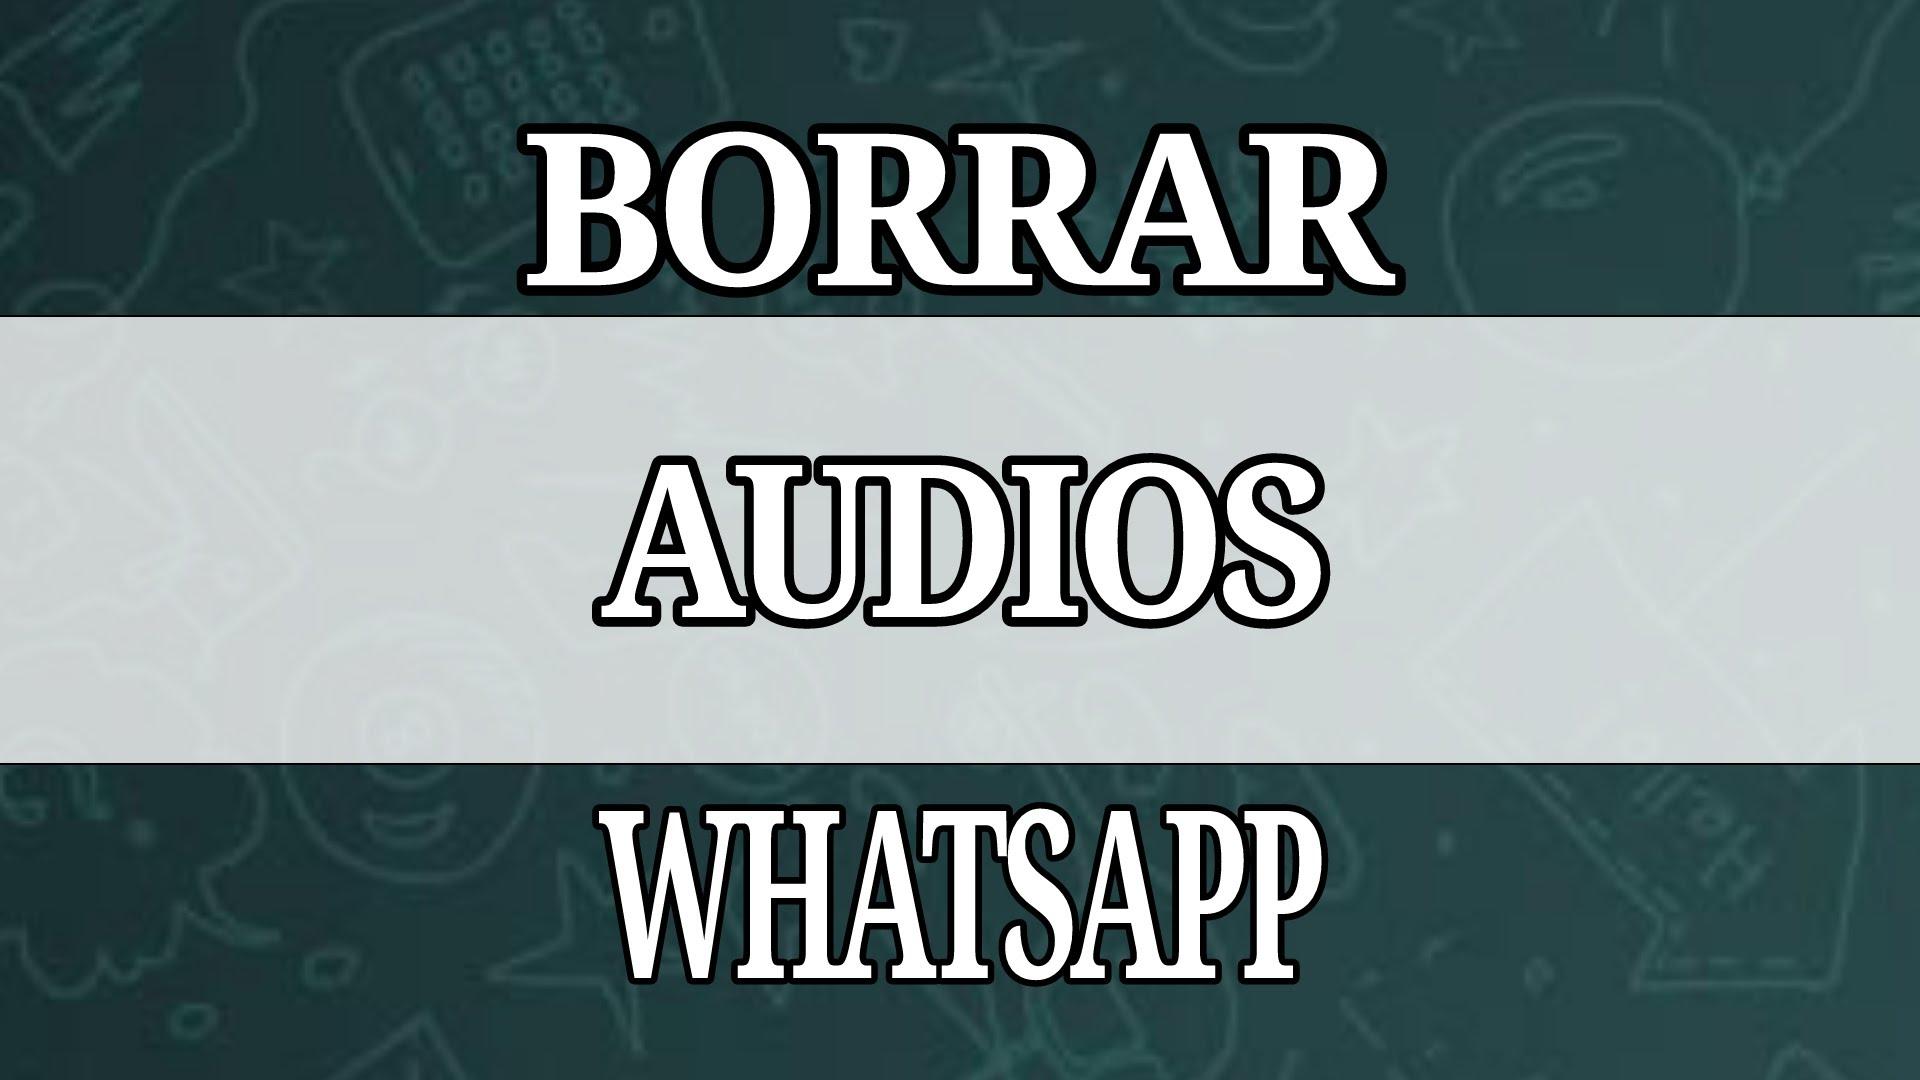 Cómo borrar los audios de Whatsapp en Iphone